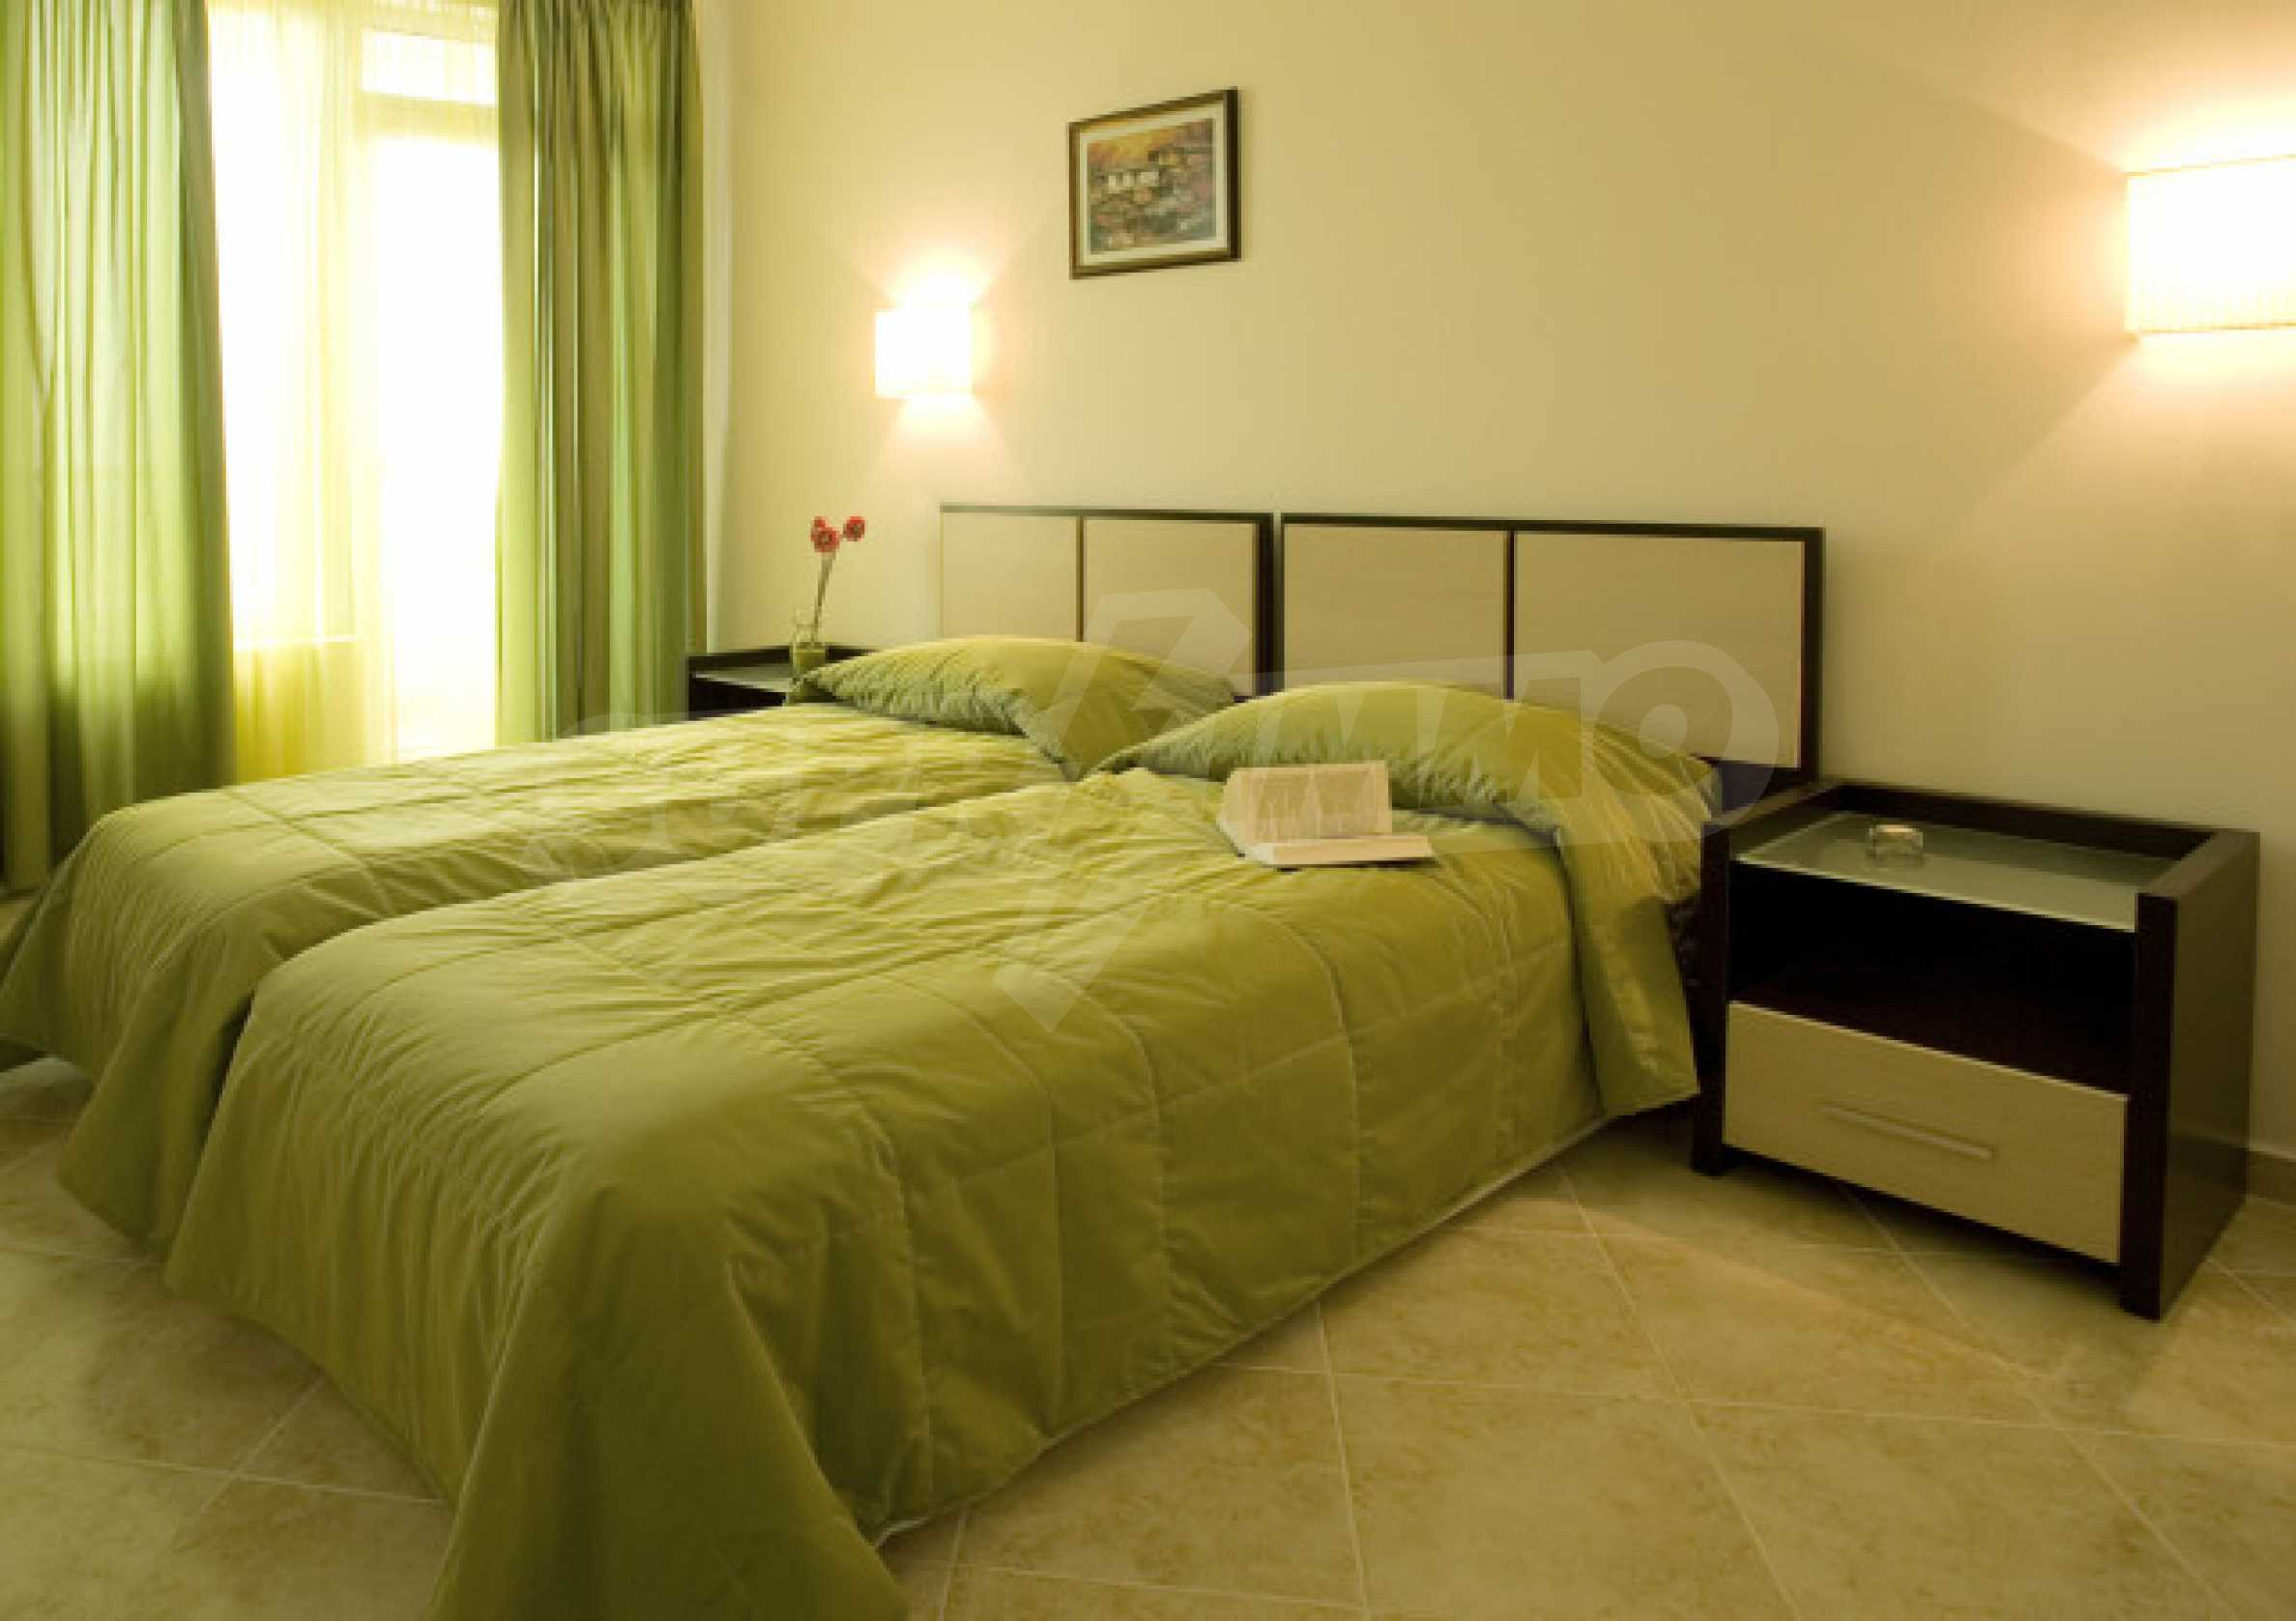 Sunset Kosharitsa - Apartments in einem attraktiven Berg- und Seekomplex, 5 Autominuten vom Sonnenstrand entfernt 49